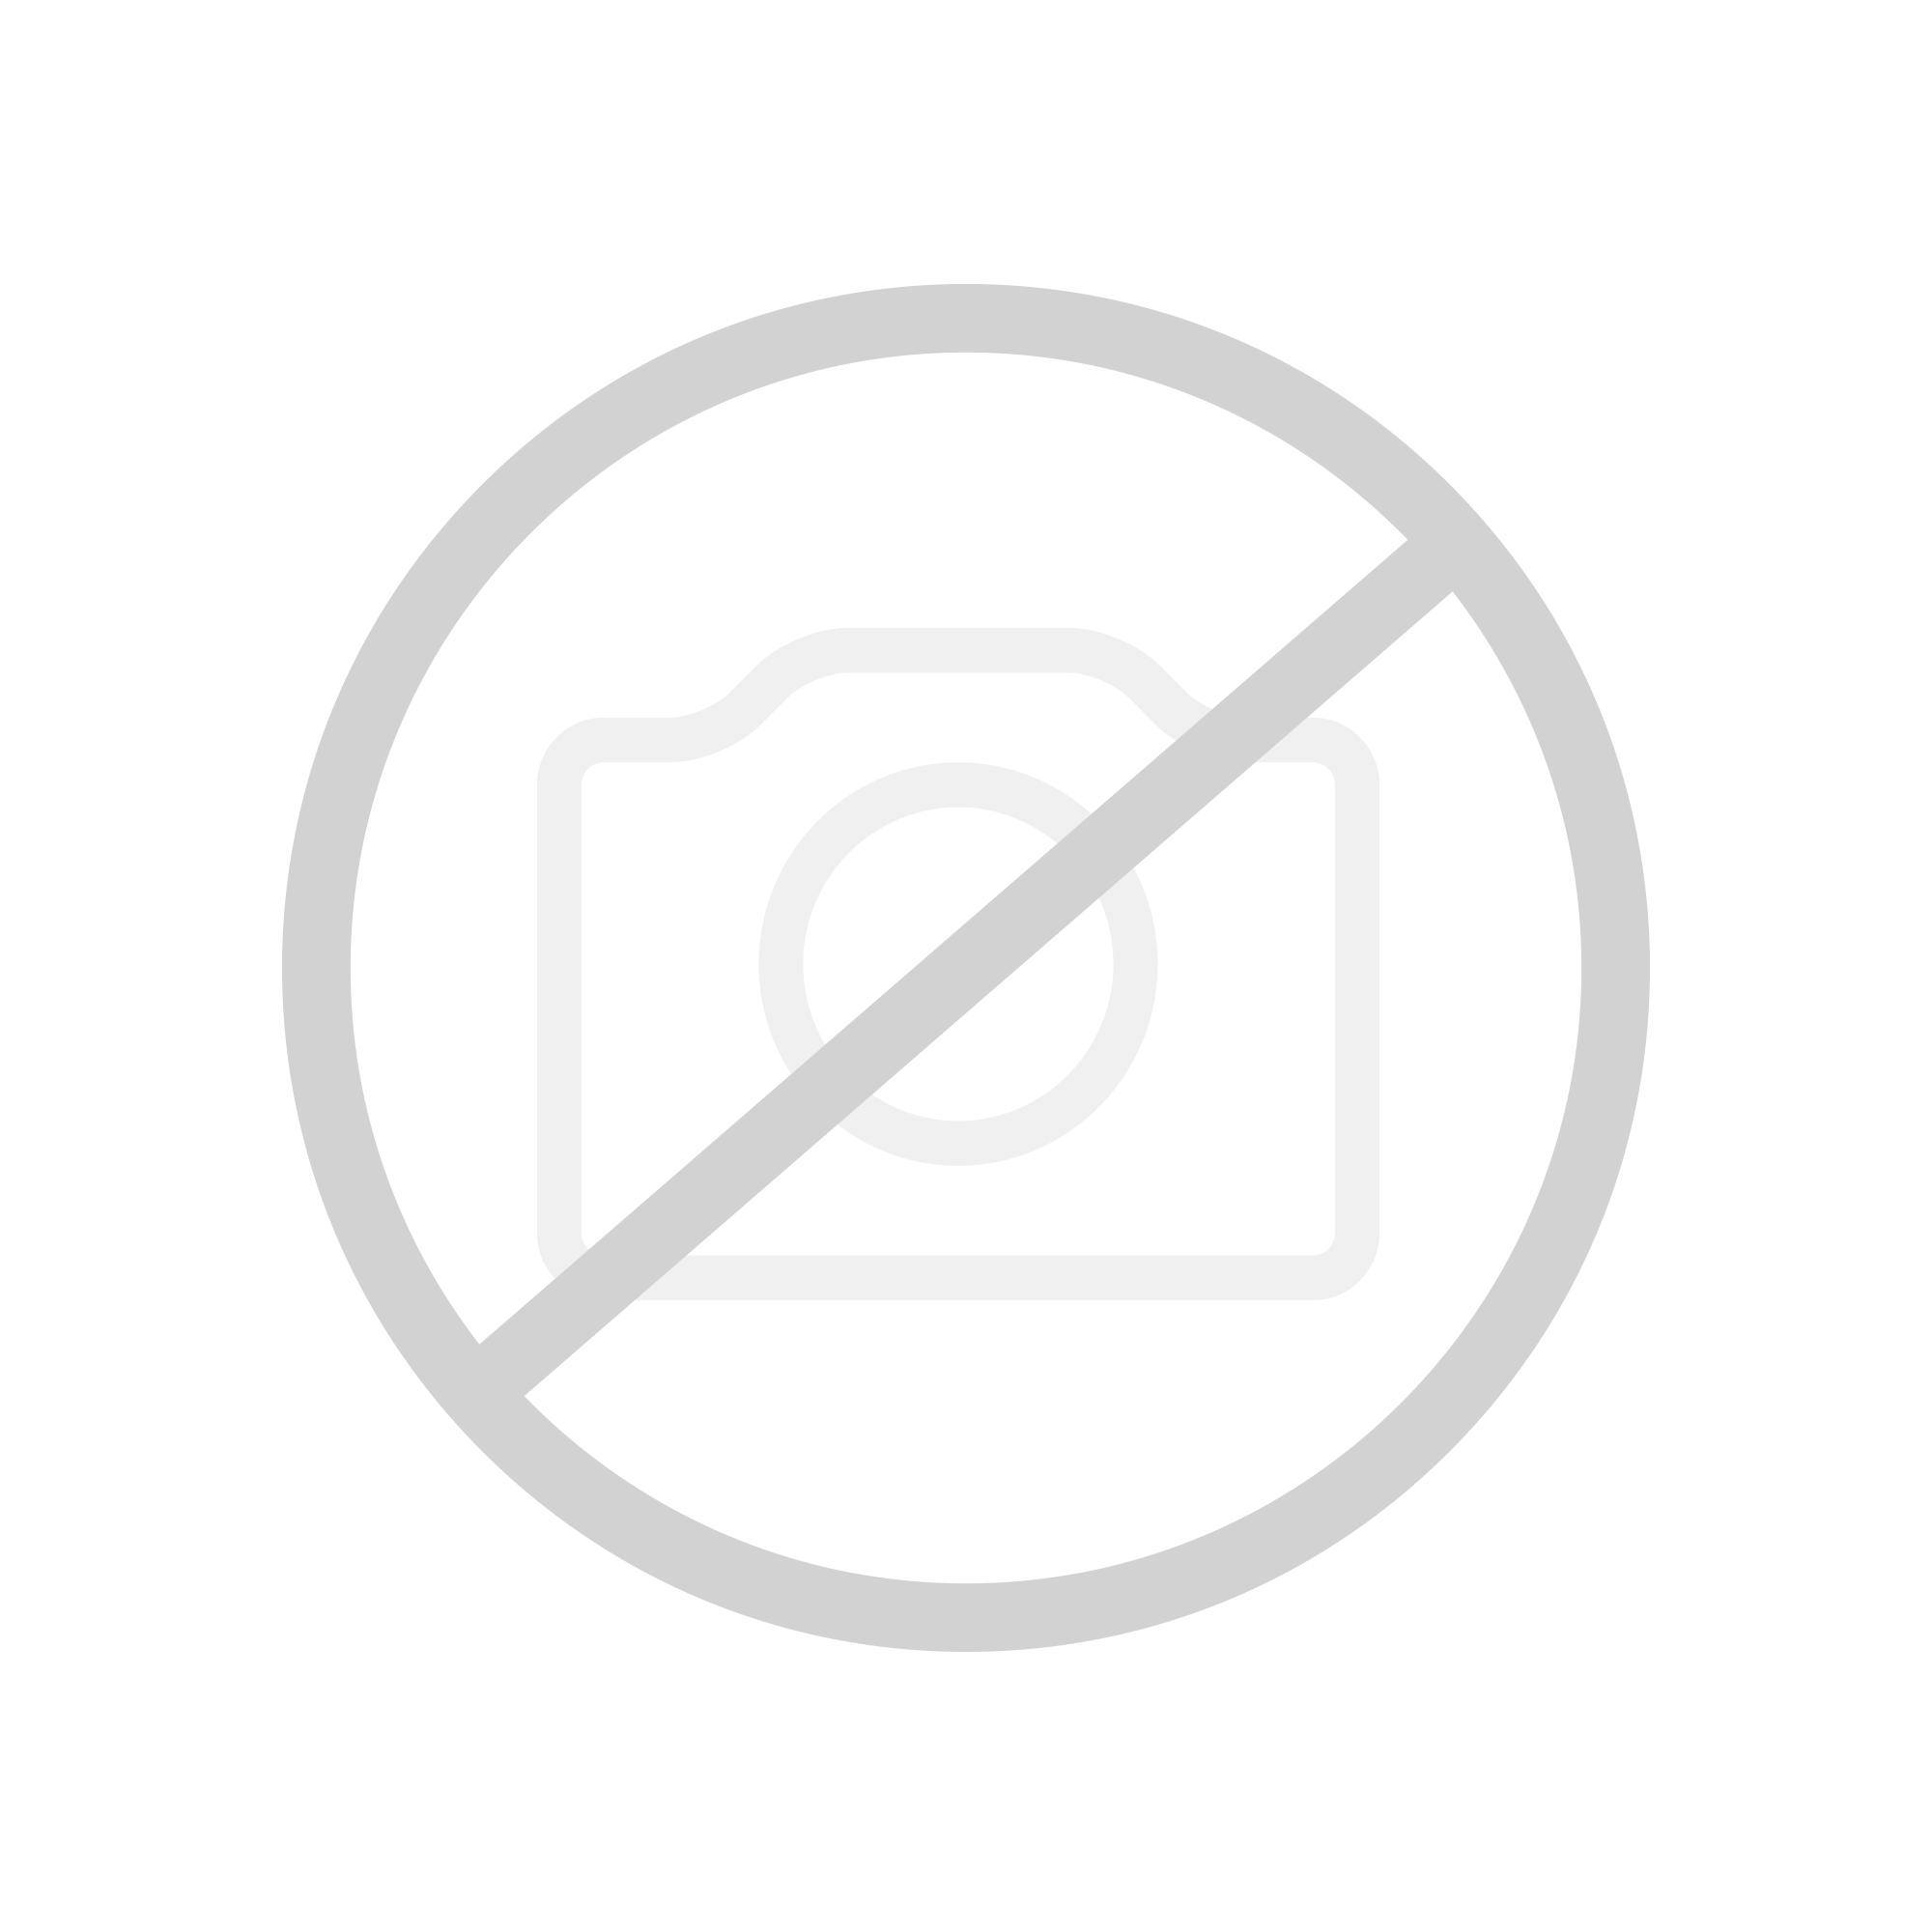 decor walther bloc wandleuchte mit schalter und steckdose 0323300 reuter onlineshop. Black Bedroom Furniture Sets. Home Design Ideas